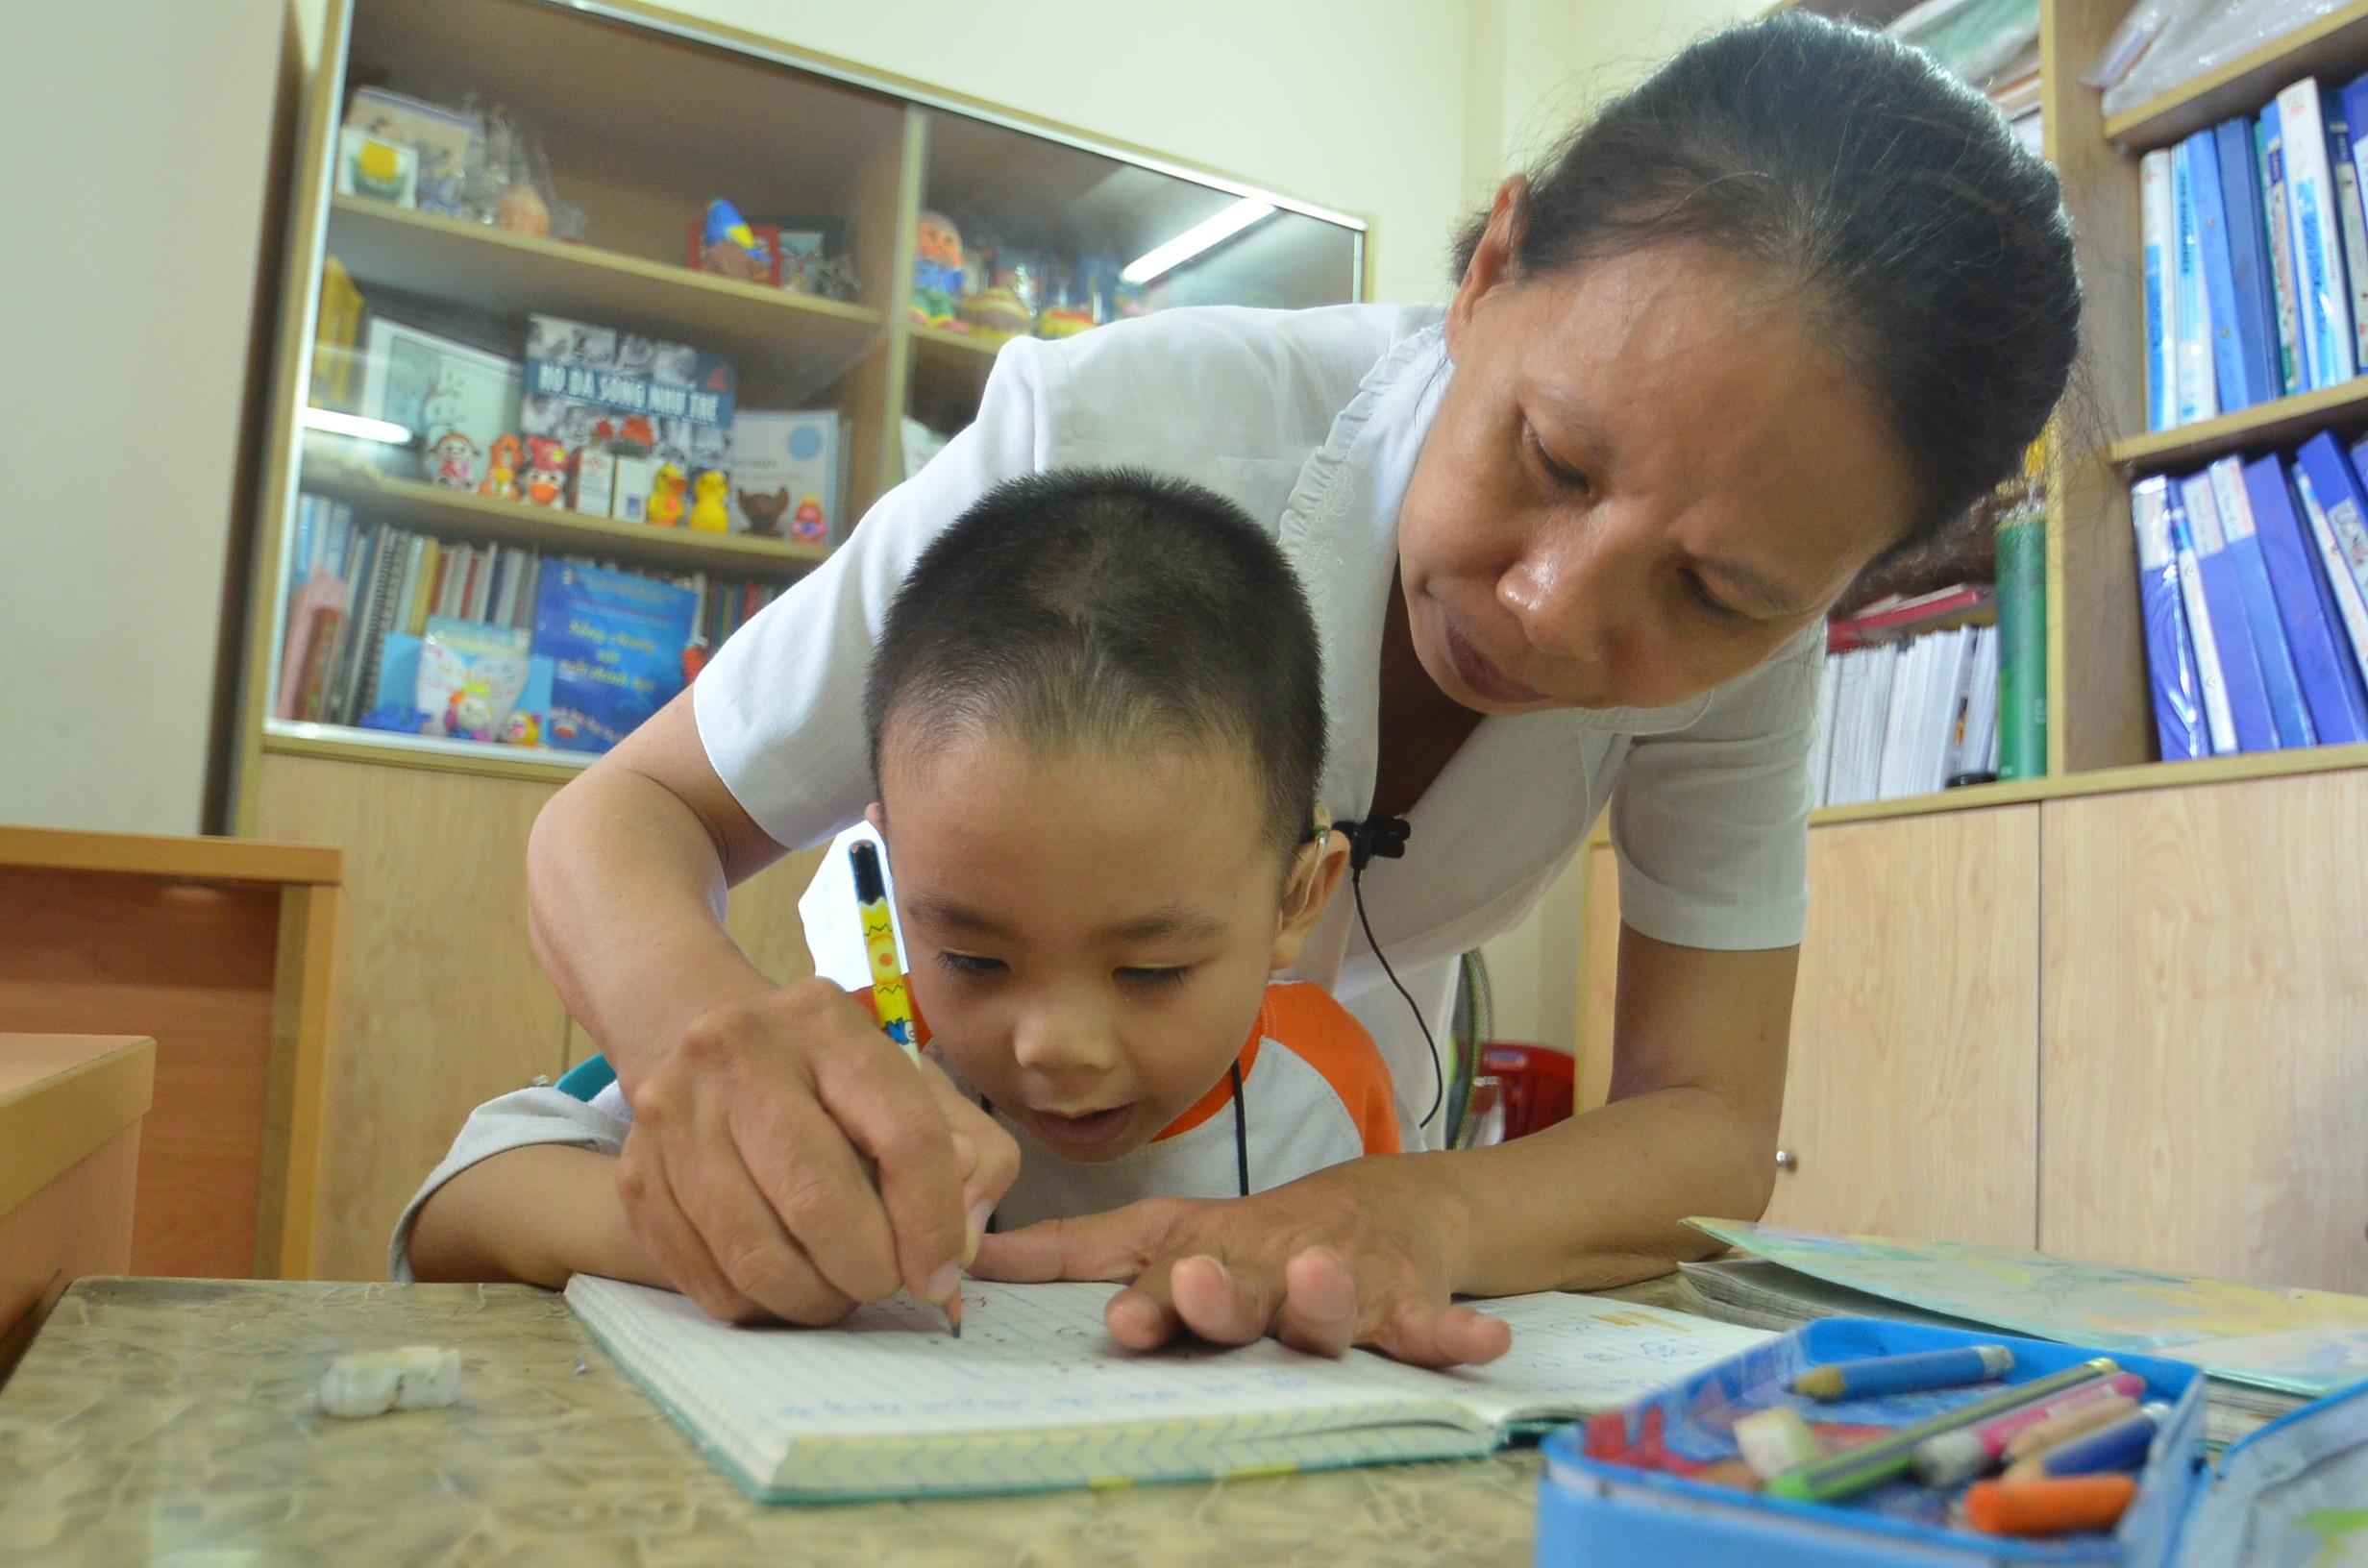 Theo chị Hạnh, nếu được phát hiện sớm, trẻ sẽ tập nói dễ dàng hơn và chắc chắn sẽ nói được